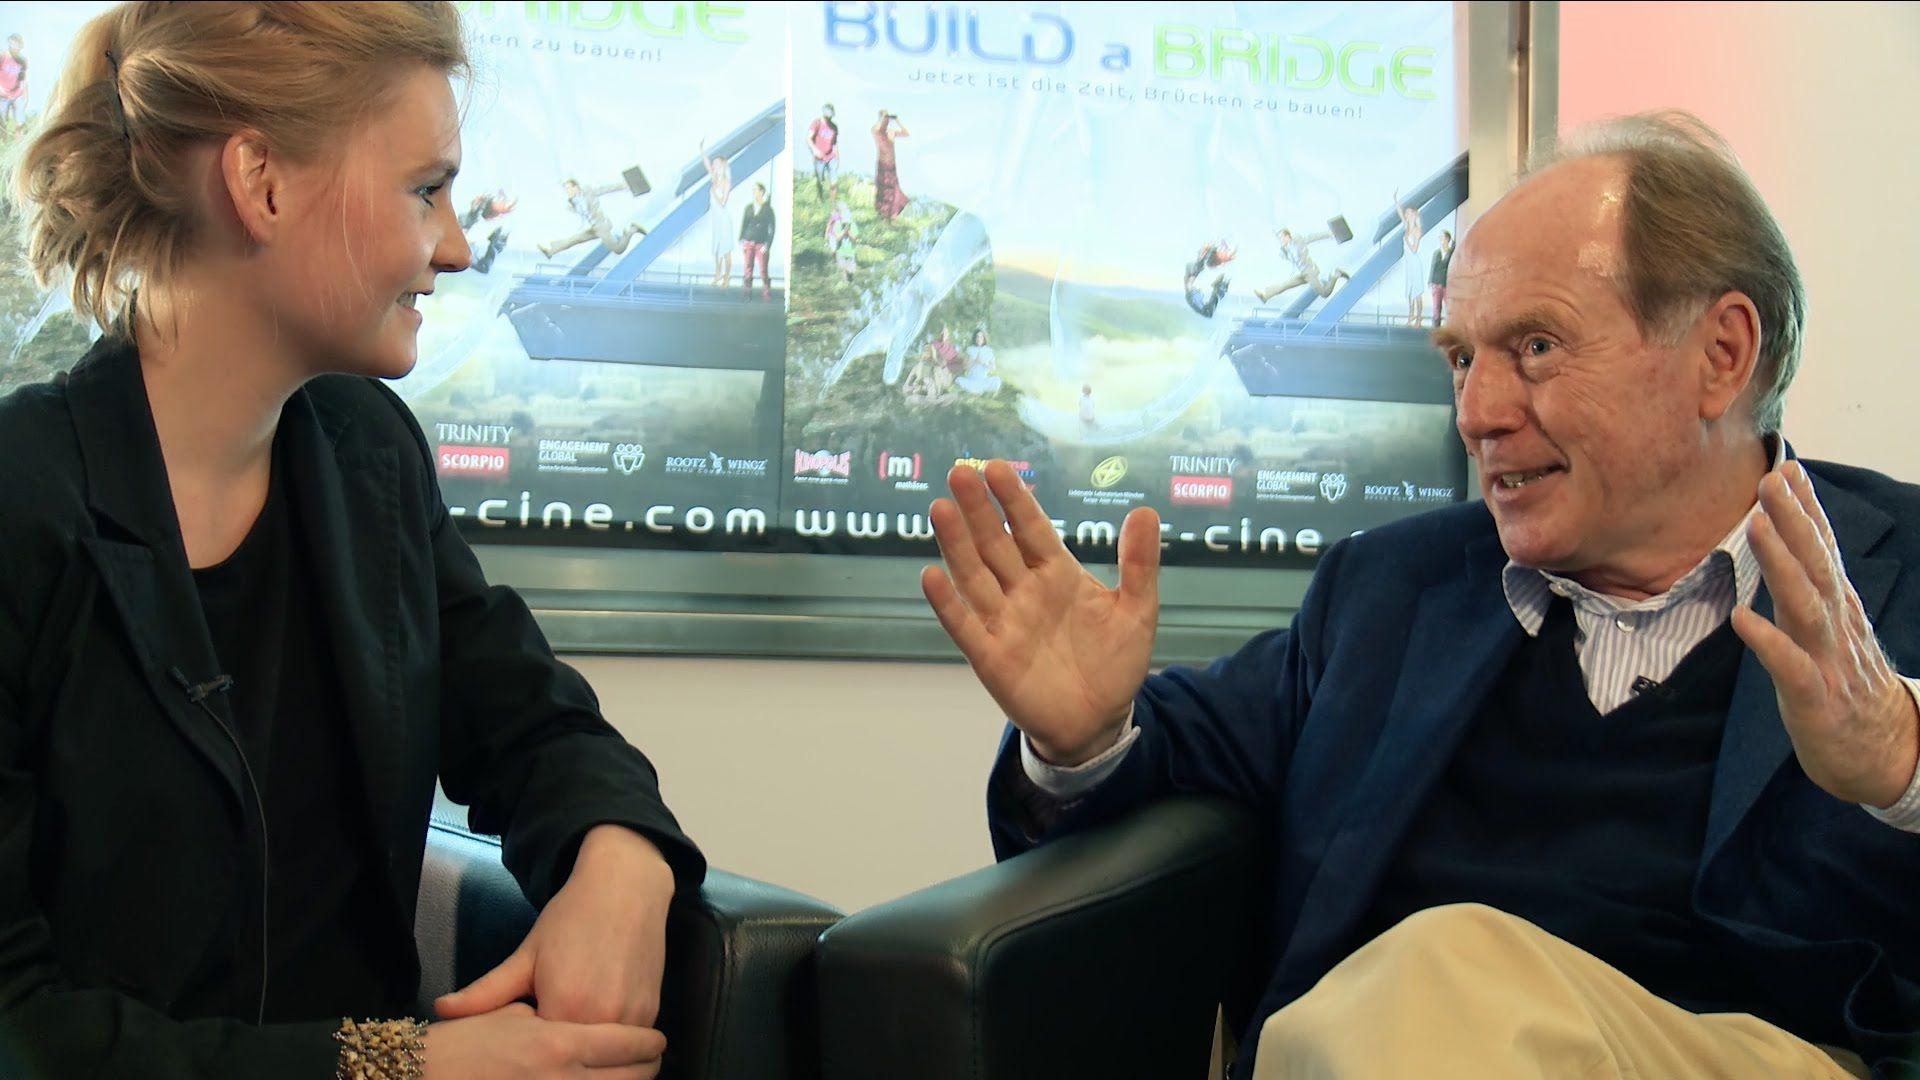 """Interview mit Christian Strasser, Verleger des Films """"THE CURE - Der Schlüssel zur Heilung"""" am Cosmic Cine Filmfestival 2014 www.cosmic-cine.com  Link zum Trailer THE CURE: http://youtu.be/b7yMfiny8Uo Die DVD ist erschienen bei Trinity-Verlag http://www.trinity-verlag.de/default.asp?Buch=168"""